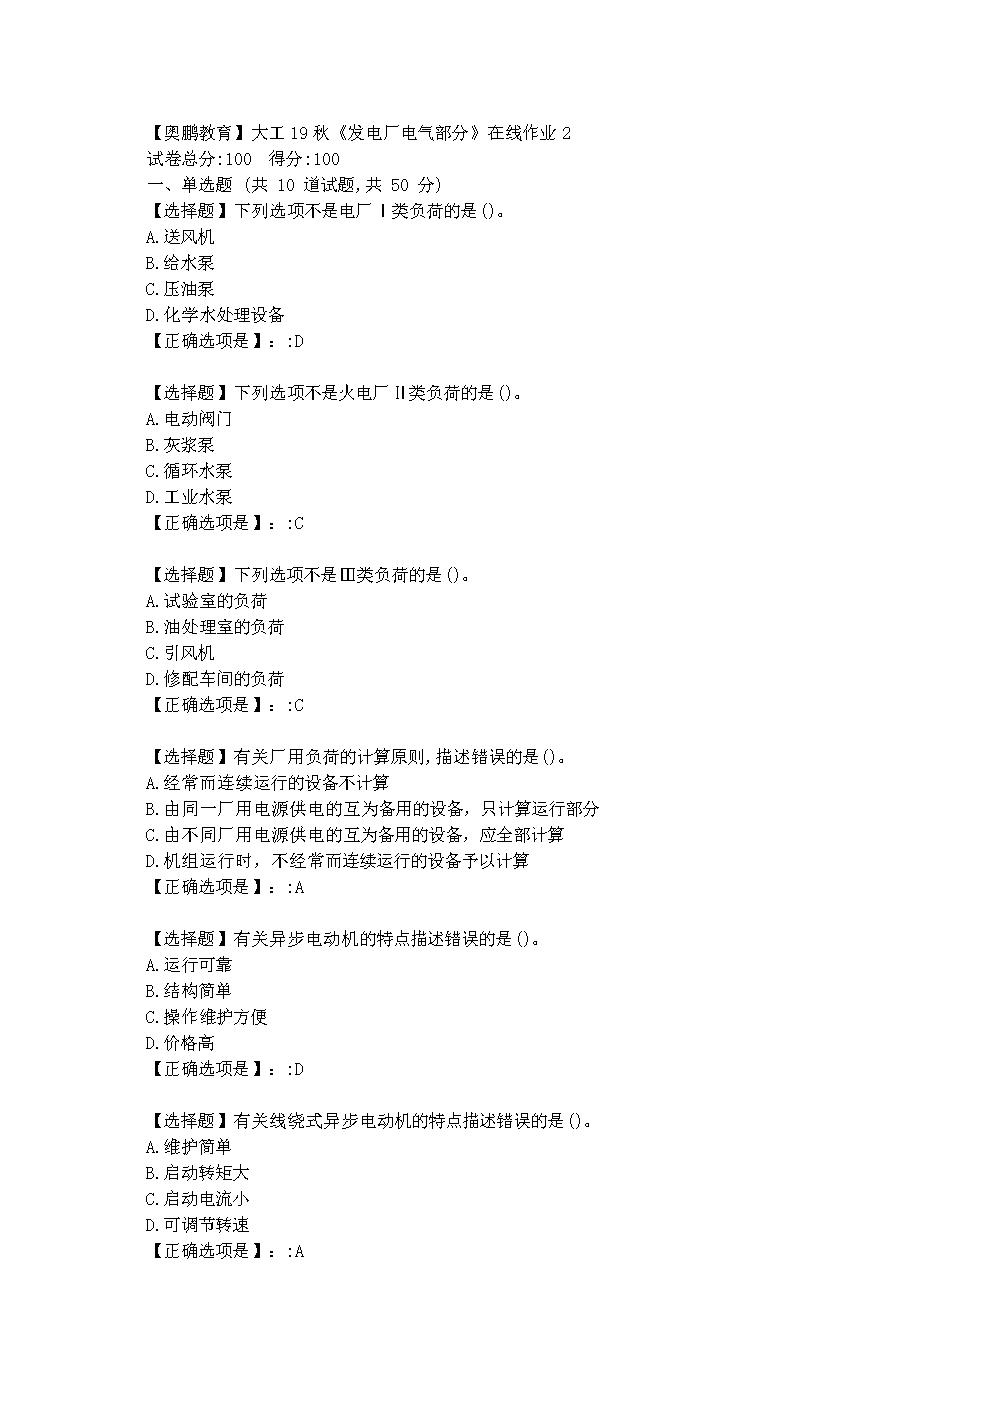 大连理工大学19秋《发电厂电气部分》在线作业2学习资料.doc